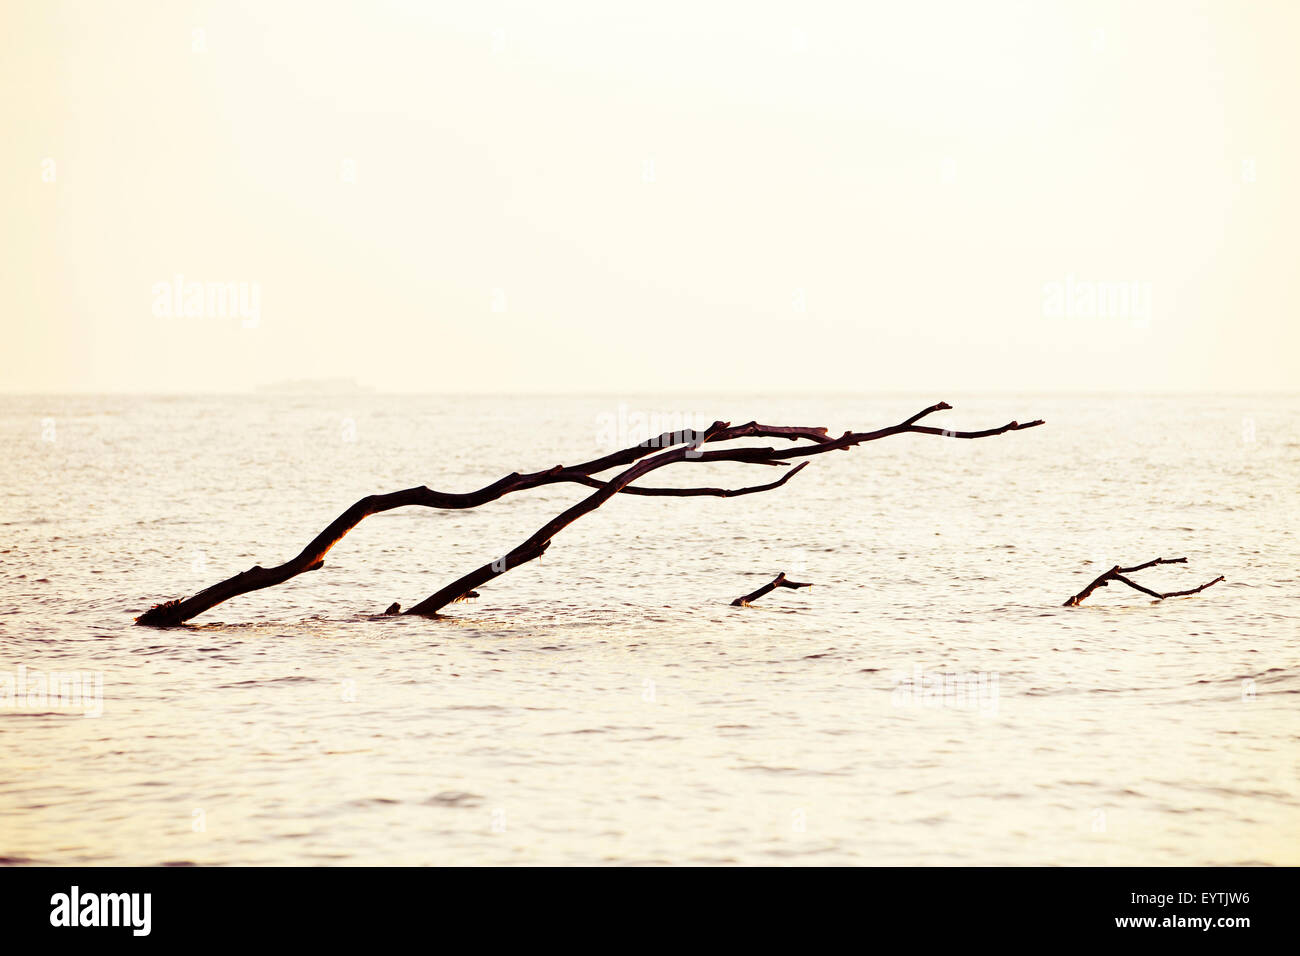 Baum am Meer liegend, Passagierschiff am Horizont Stockbild